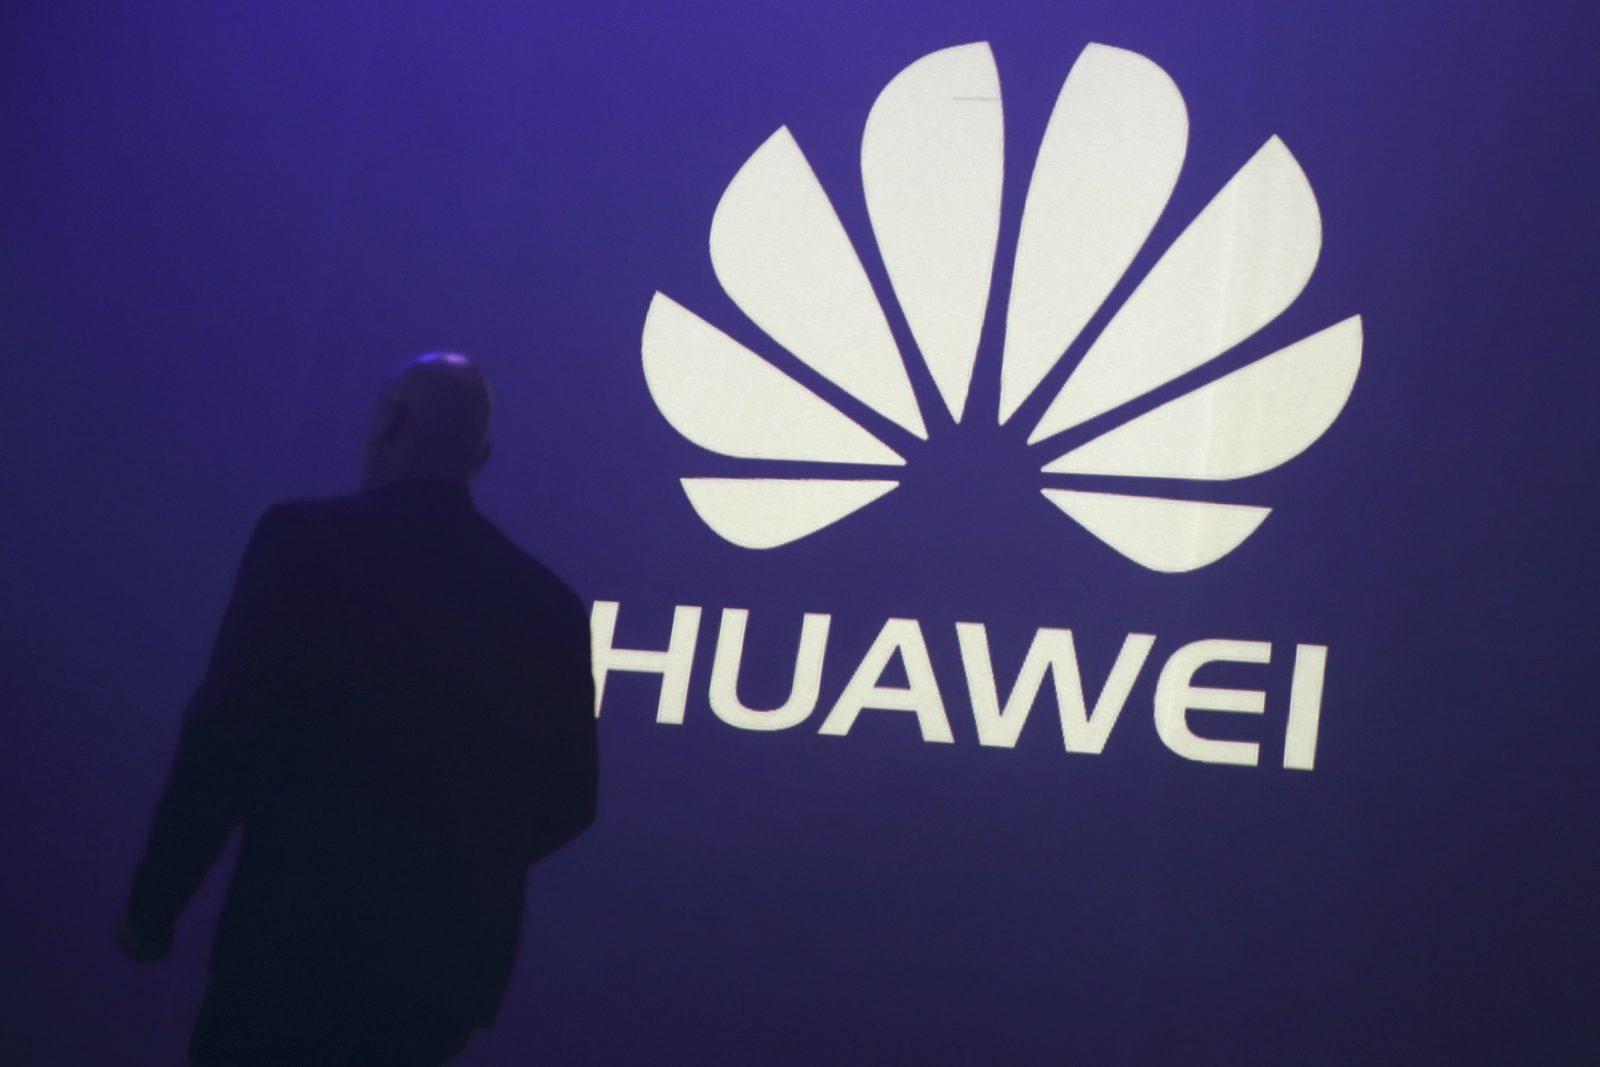 Huawei spy